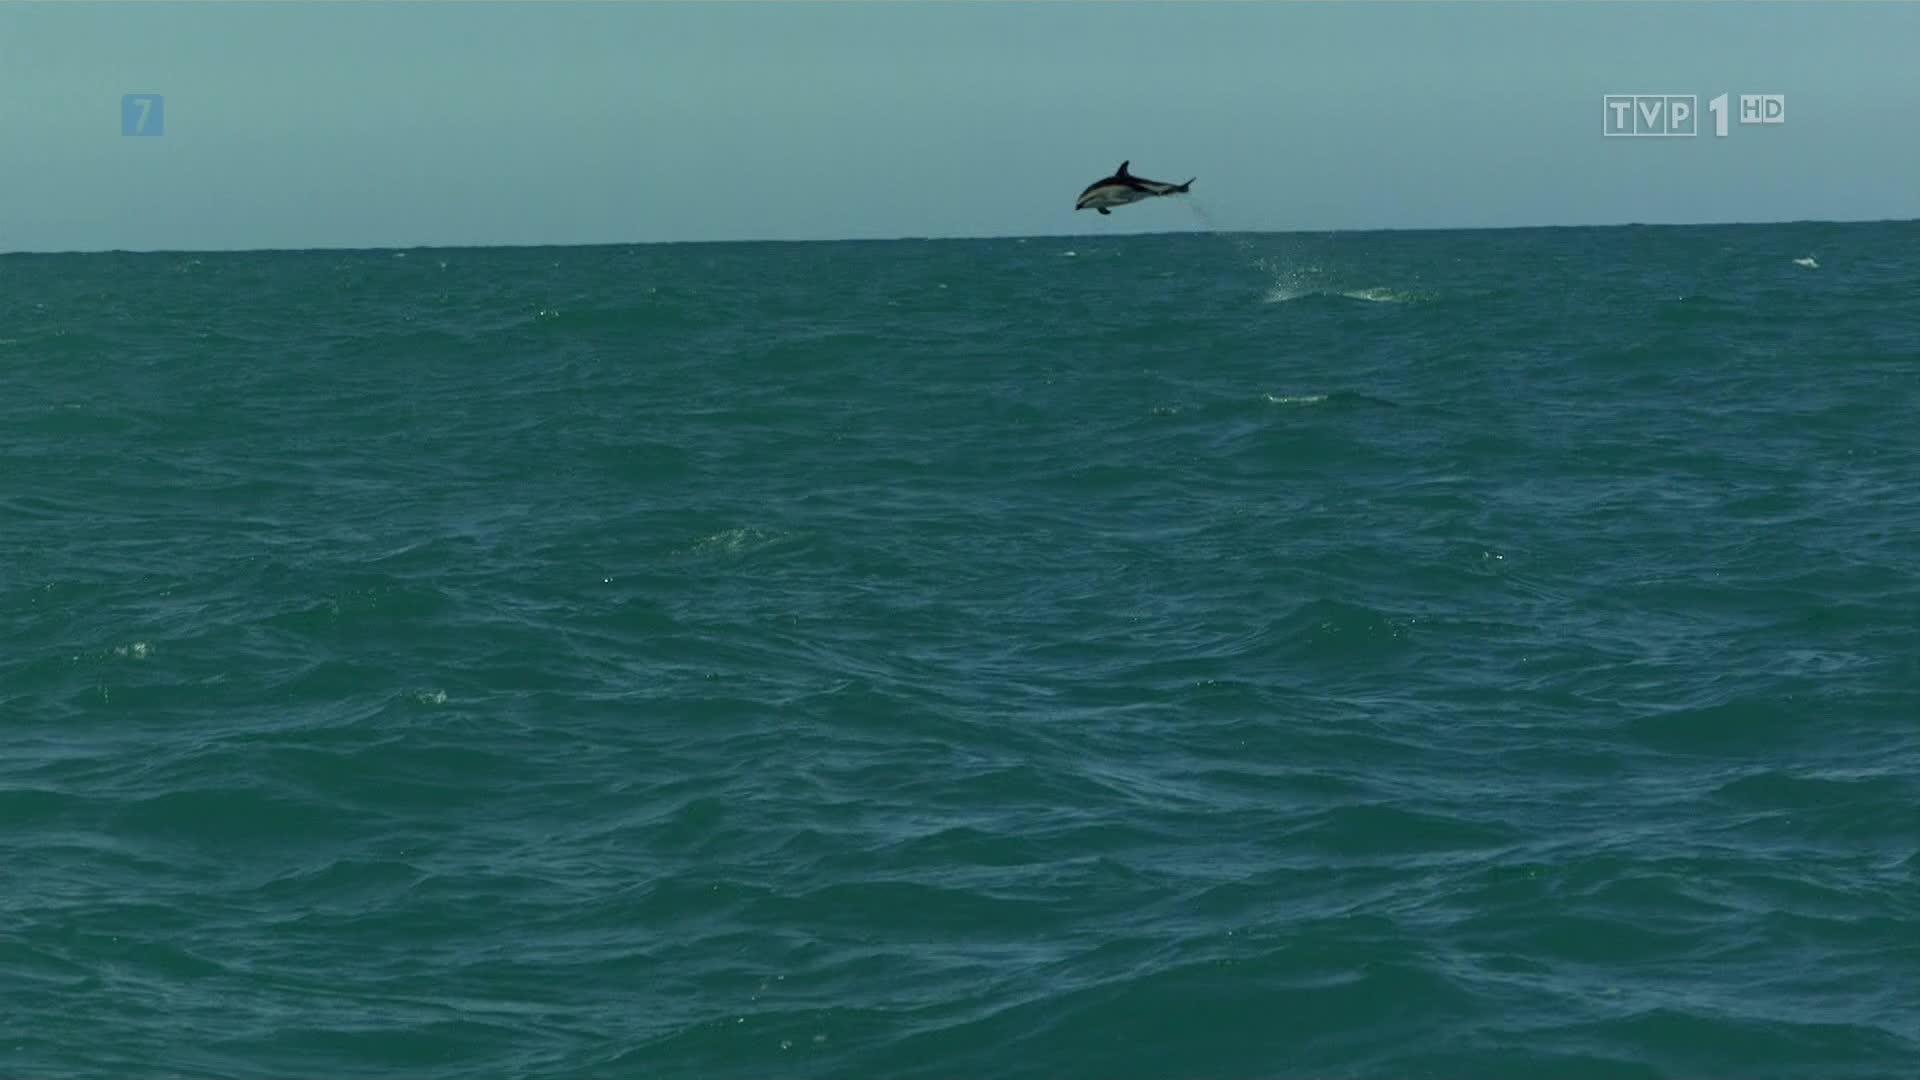 Strzelanina W Nowej Zelandii Film Image: U Wybrzeży Nowej Zelandii [4/6] POLSKI LEKTOR 1080p